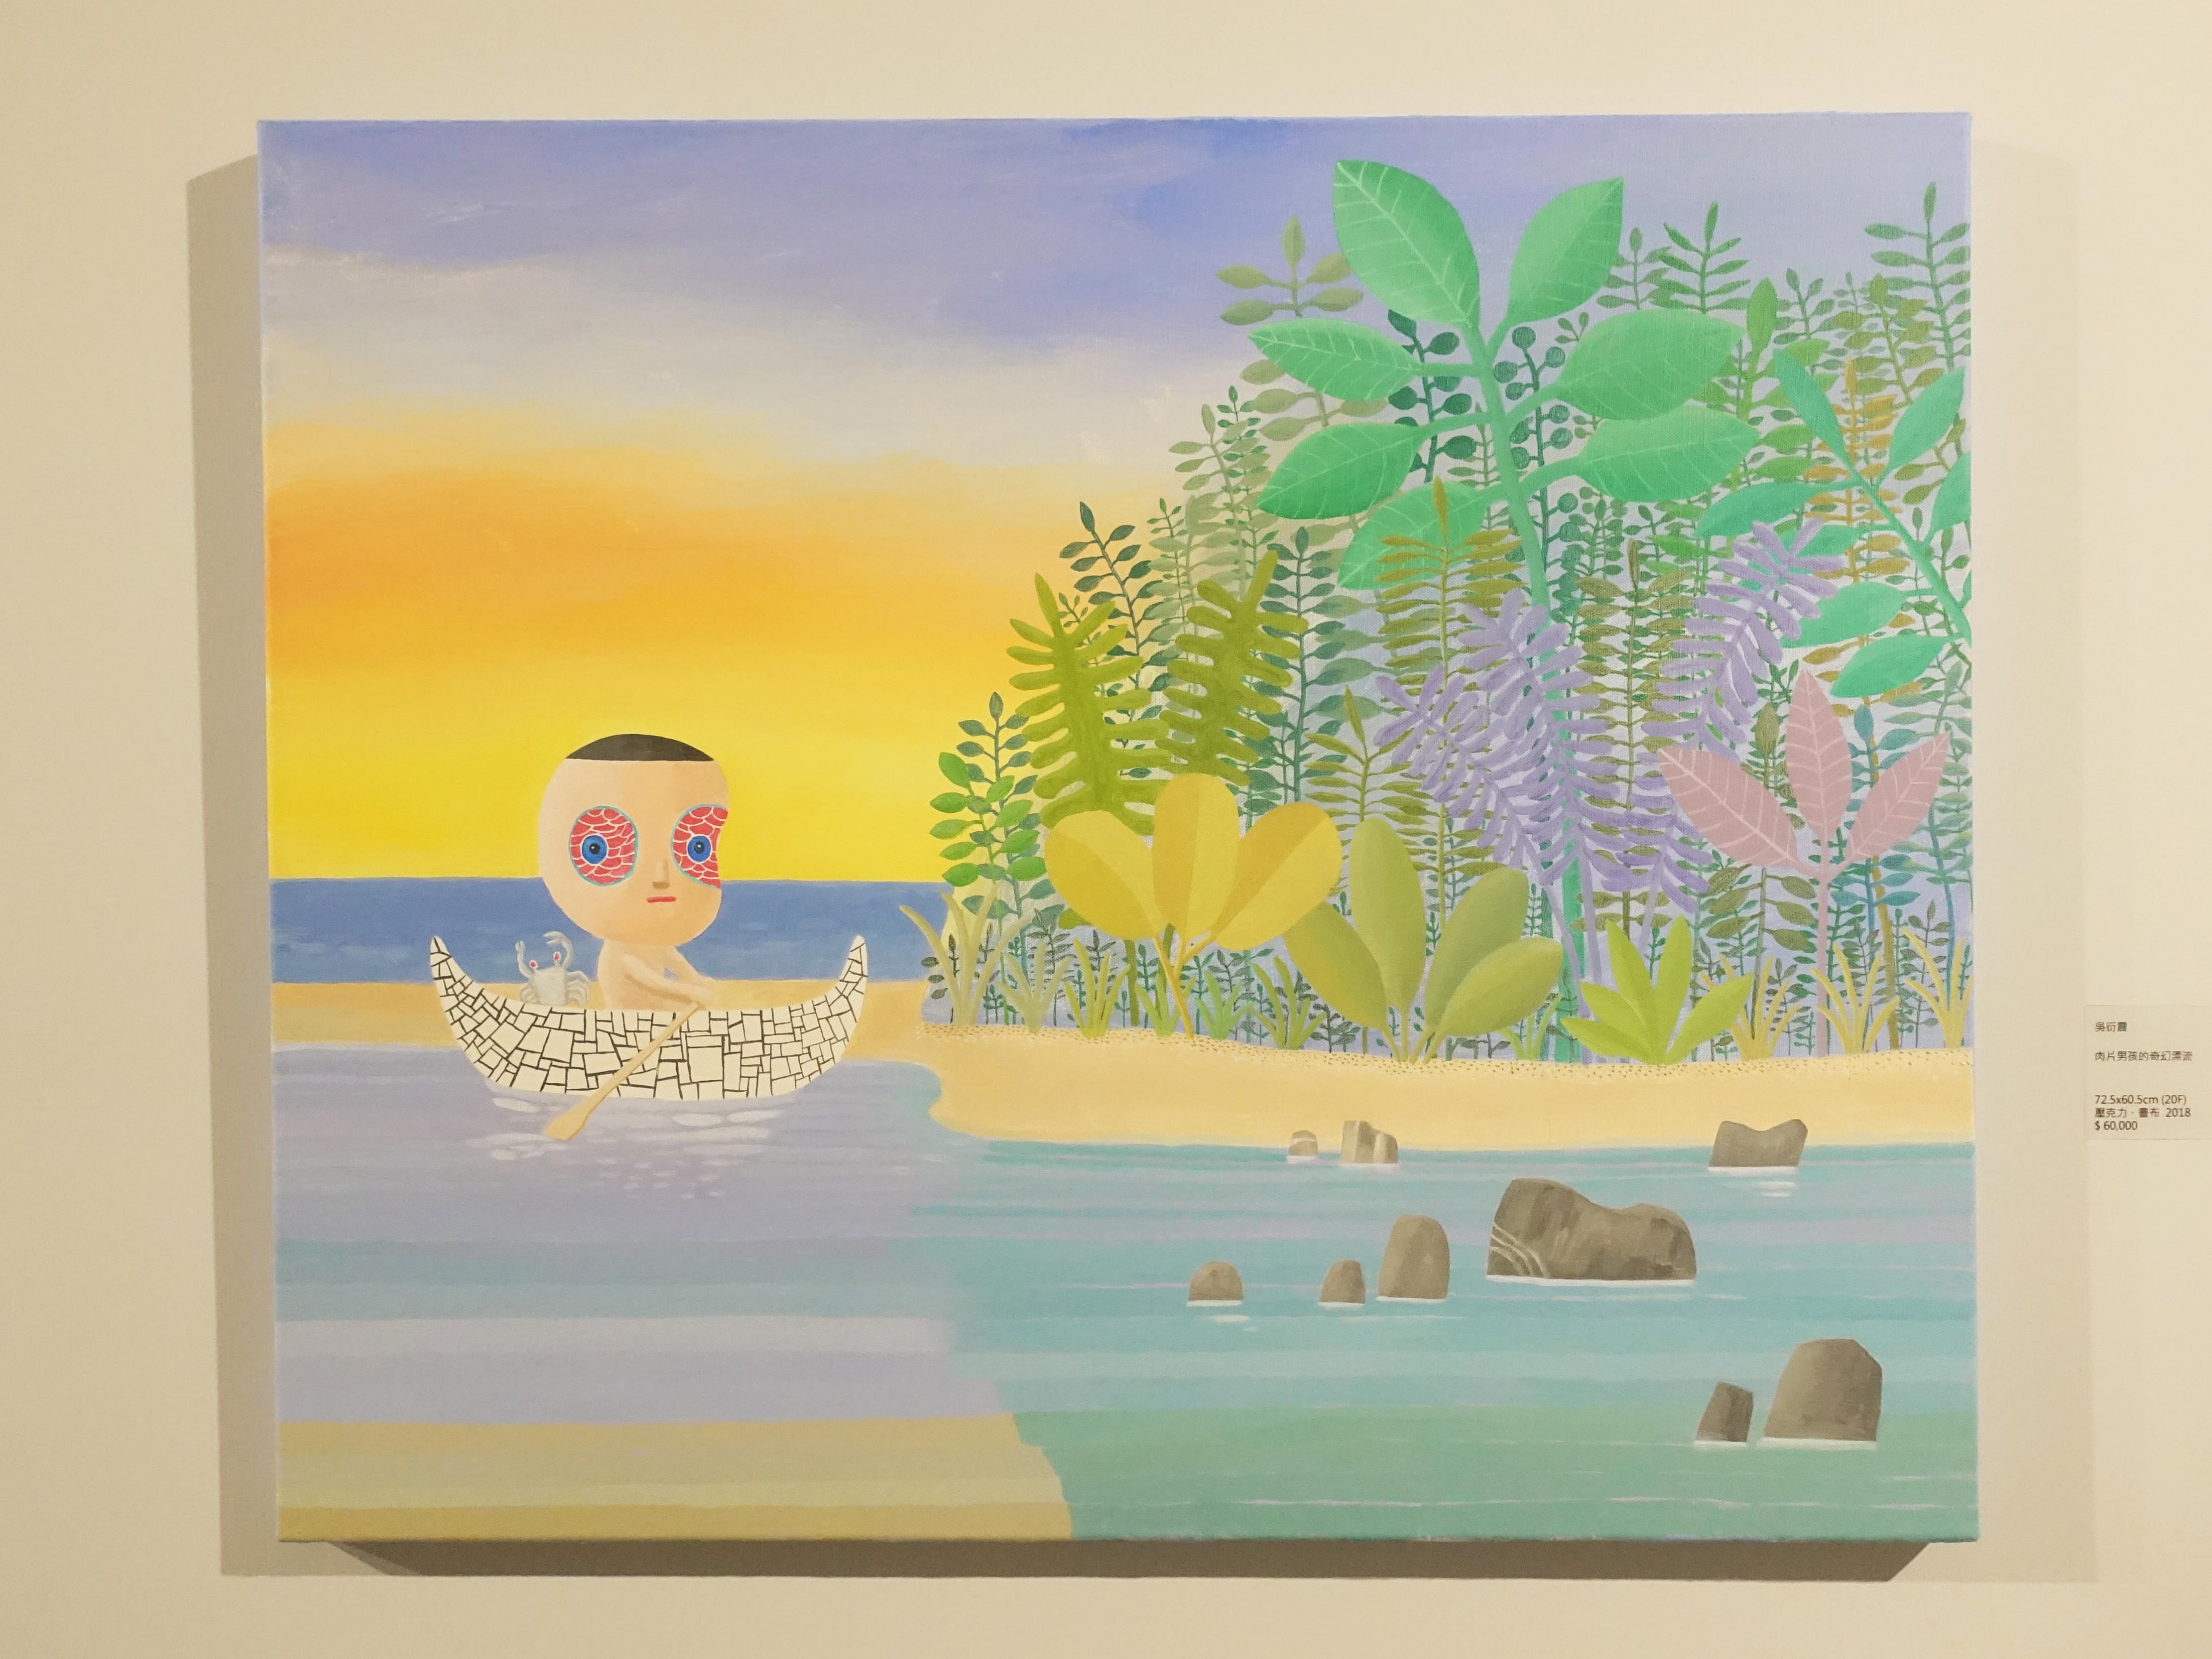 吳衍震,《肉片男孩的奇幻漂流》,72.5  x 60.5 cm,壓克力、畫布,2019。